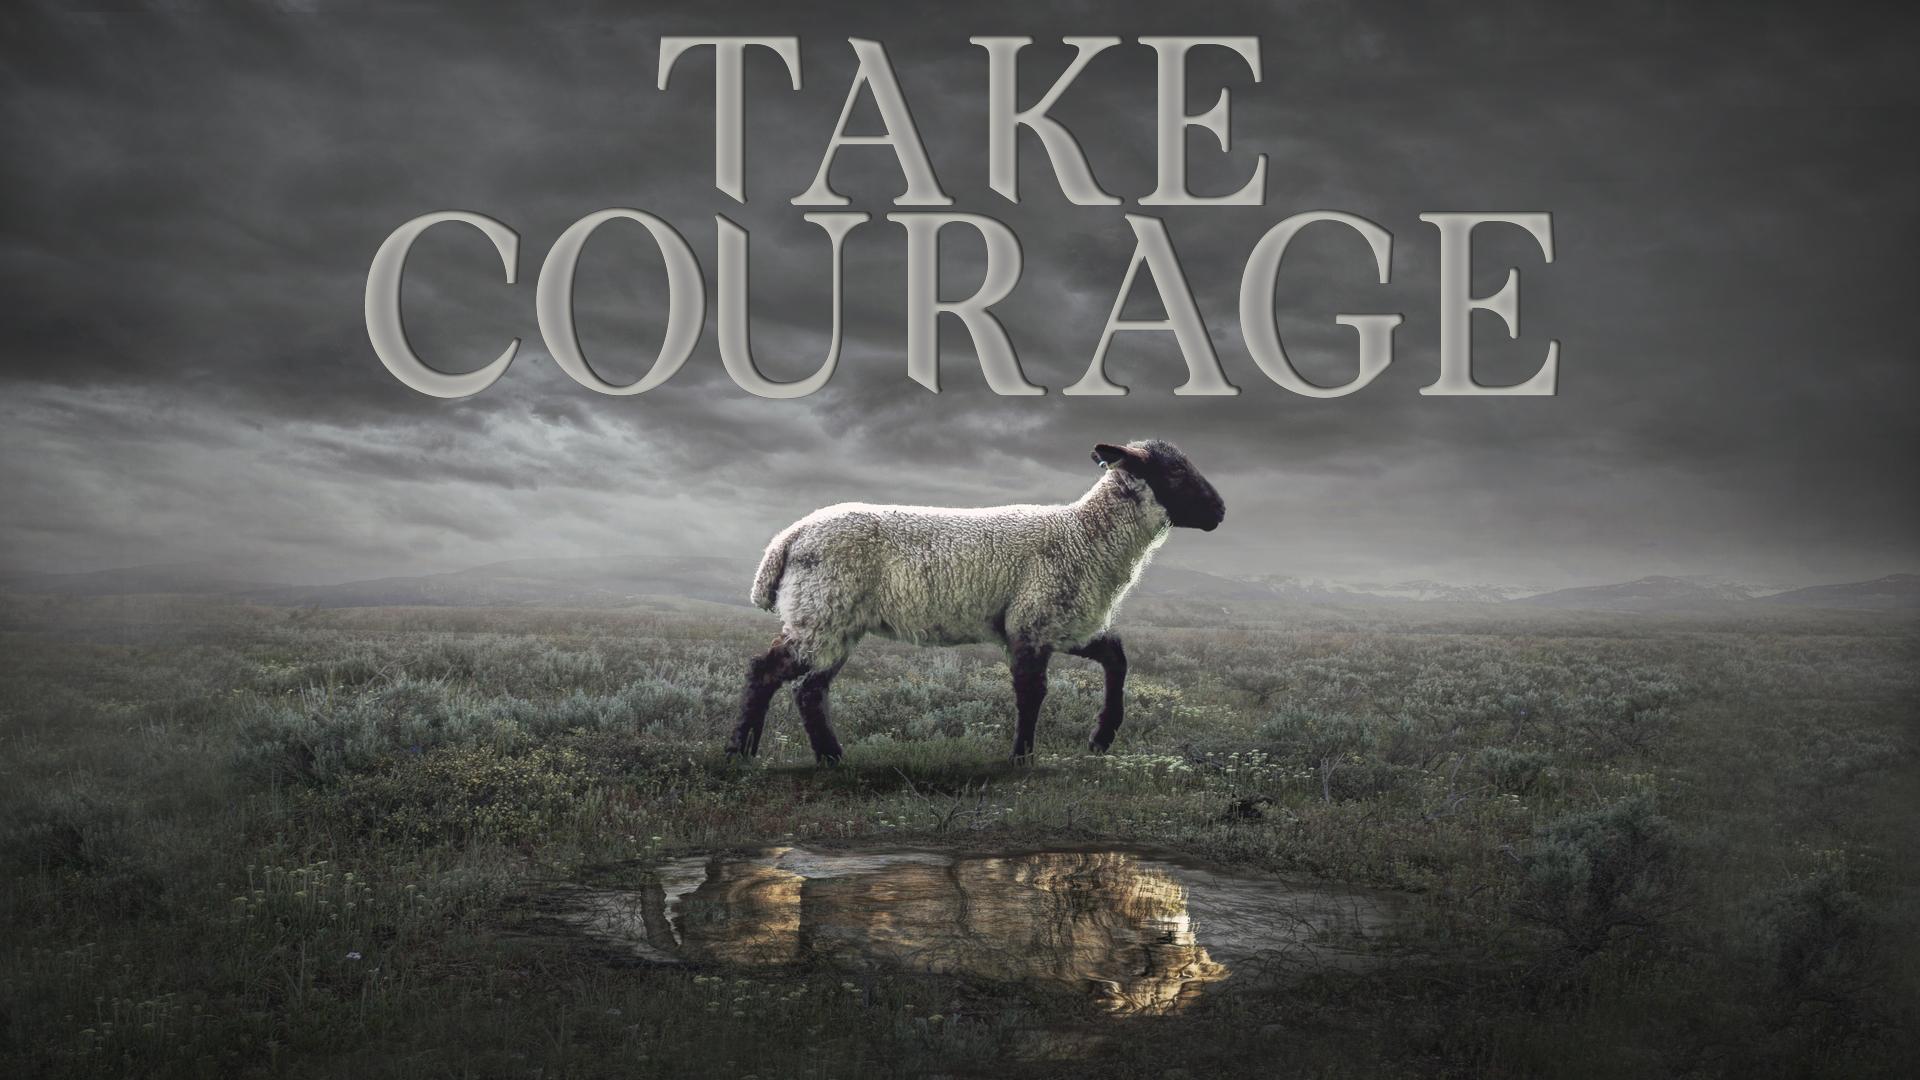 TakeCourage.jpg